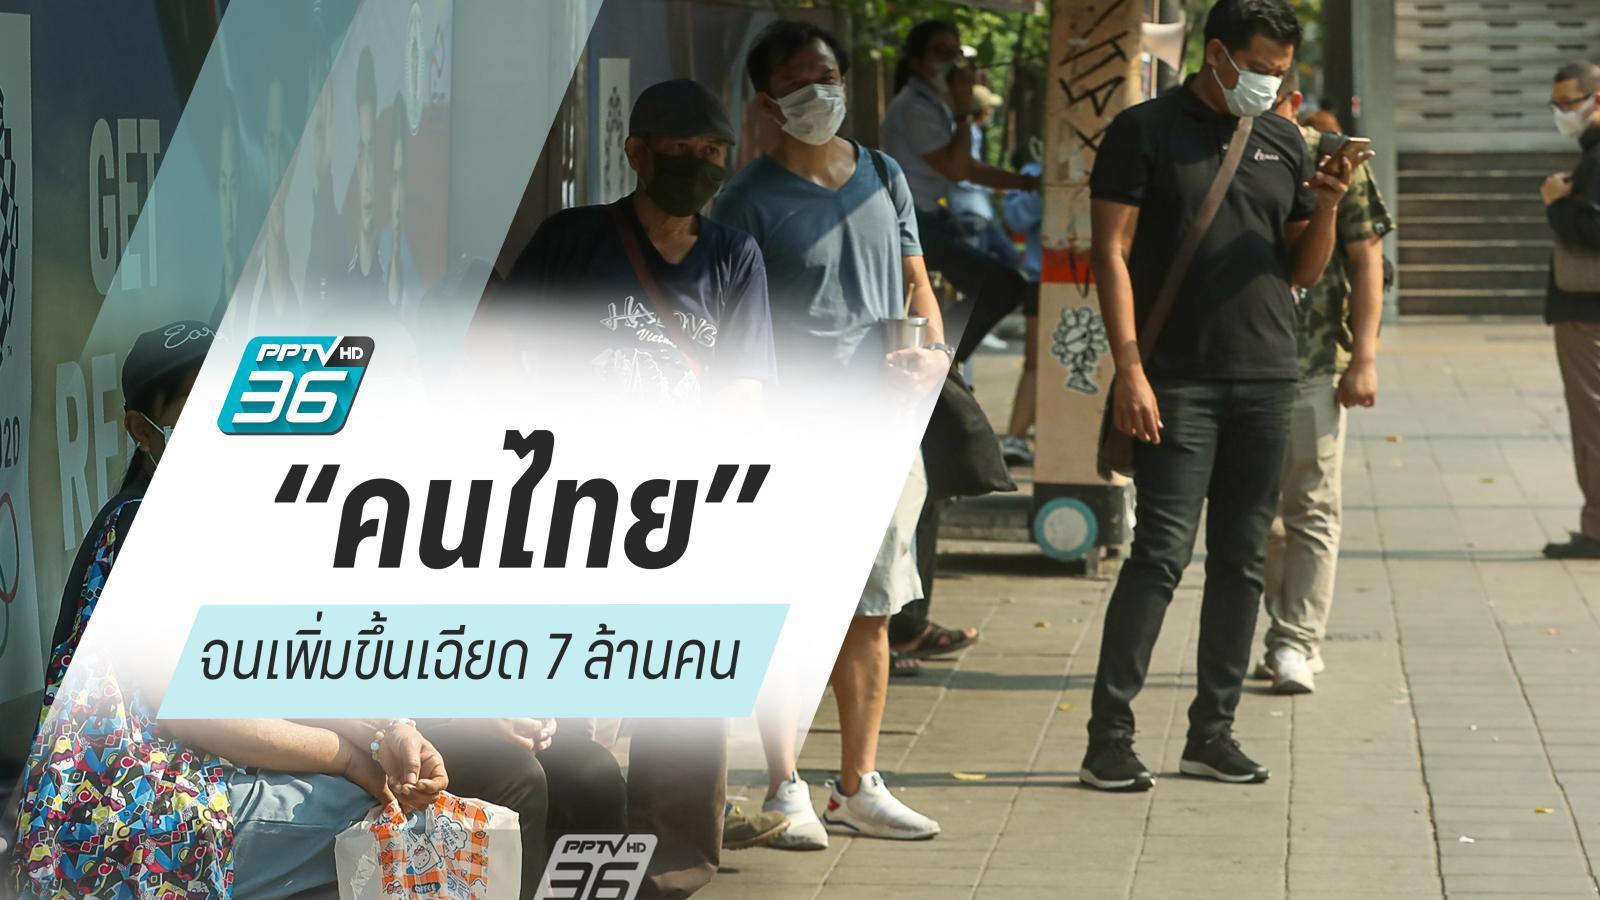 ธนาคารโลก ชี้ คนไทยยากจนเพิ่มขึ้นเฉียด 7 ล้านคน